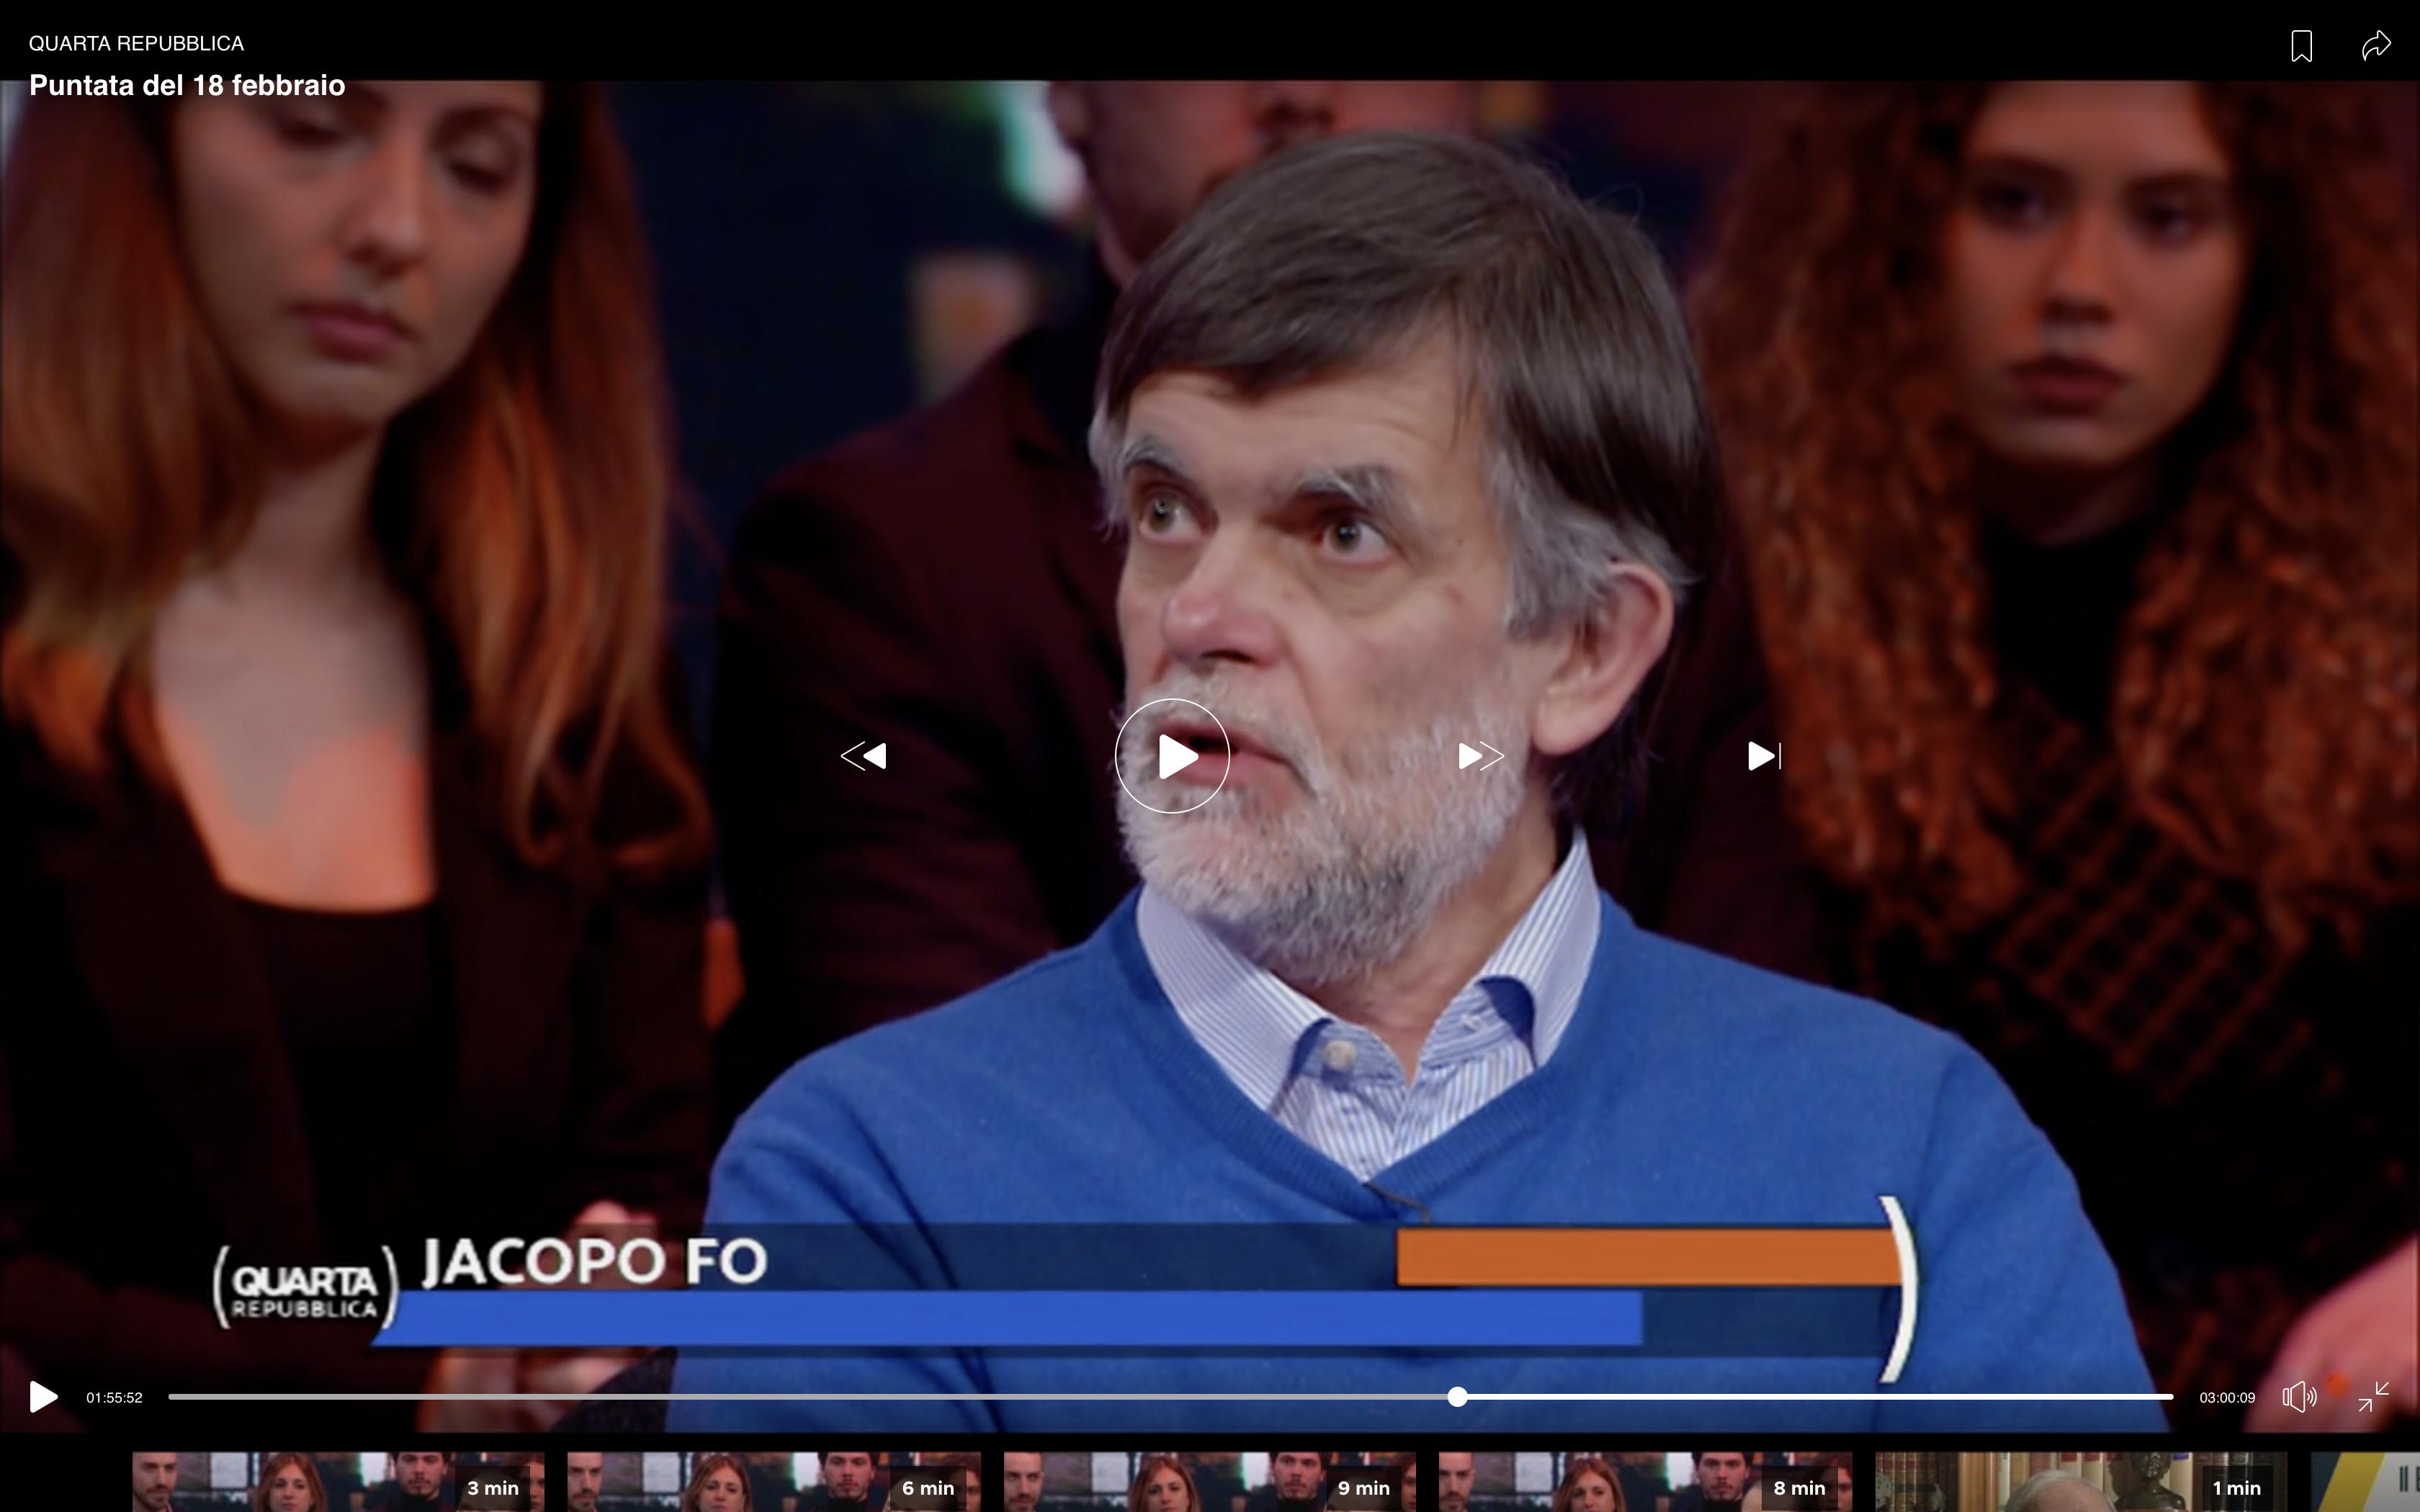 Jacopo Fo ospite a Quarta Repubblica